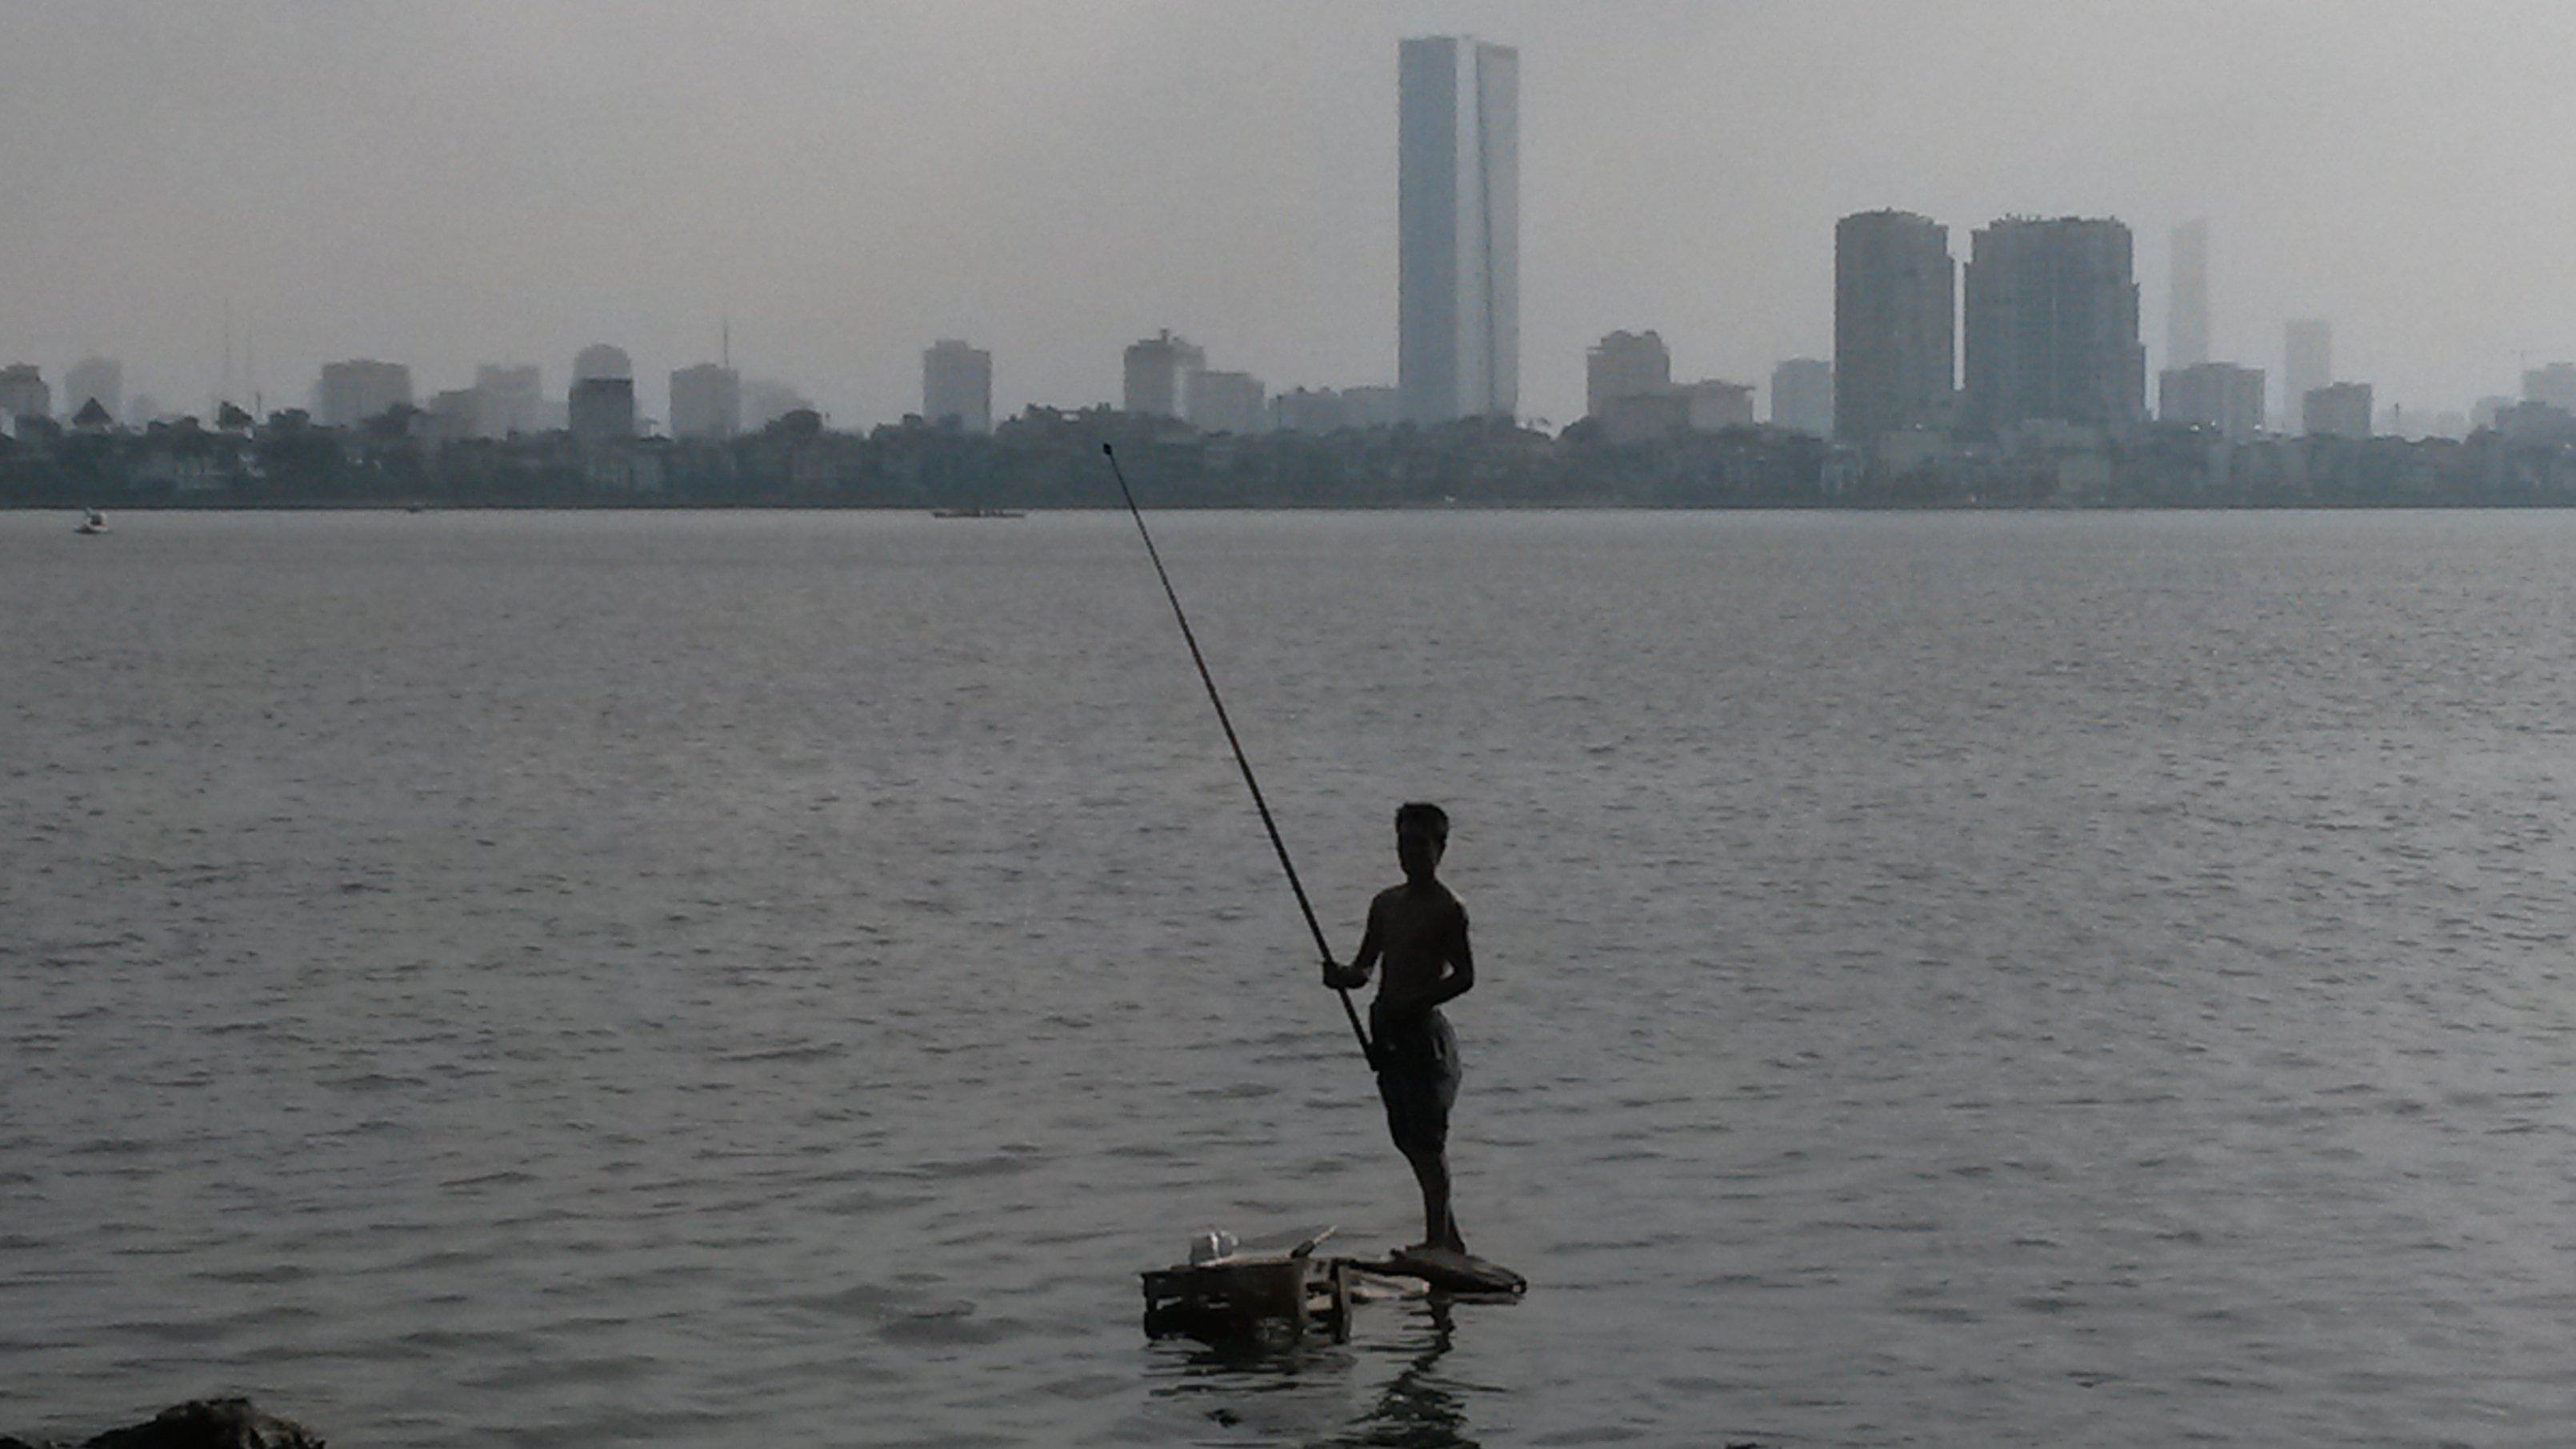 Vue panoramique - Hanoi : Crédits : Clément Pairot